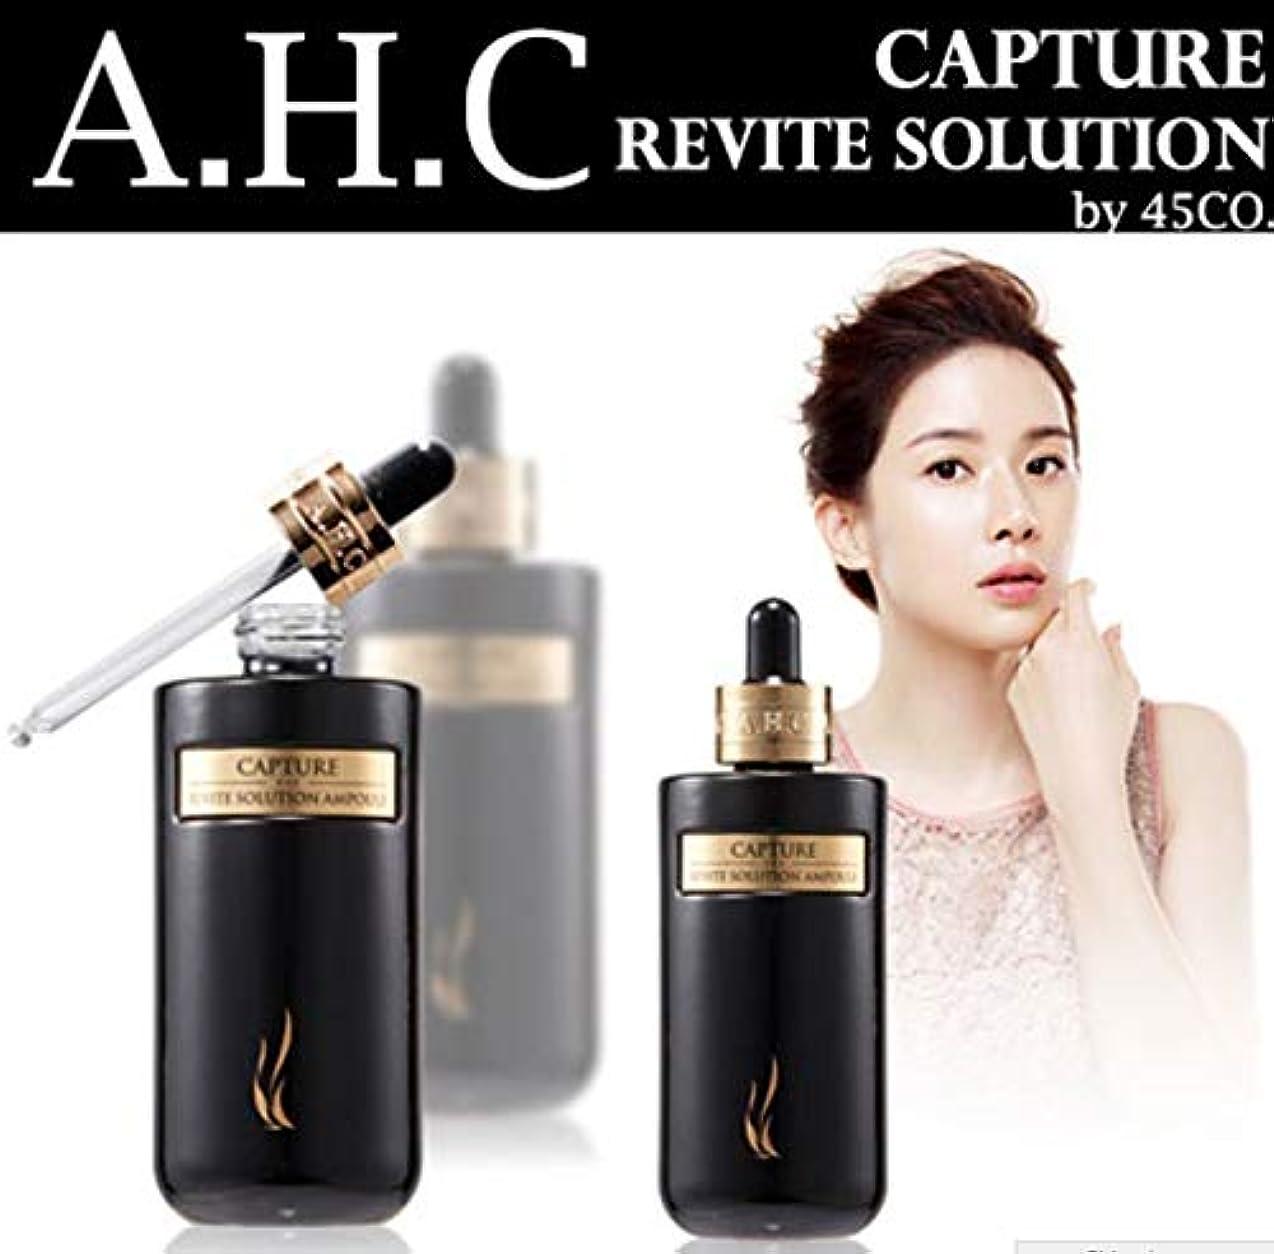 偏差はげマインドフル[A.H.C] キャプティブリバイトソリューションアンプル50ml / Capture Revite Solution Ampoule 50ml / ホワイトニング、ヒアルロン酸/韓国化粧品 / Whitening, hyaluronic...